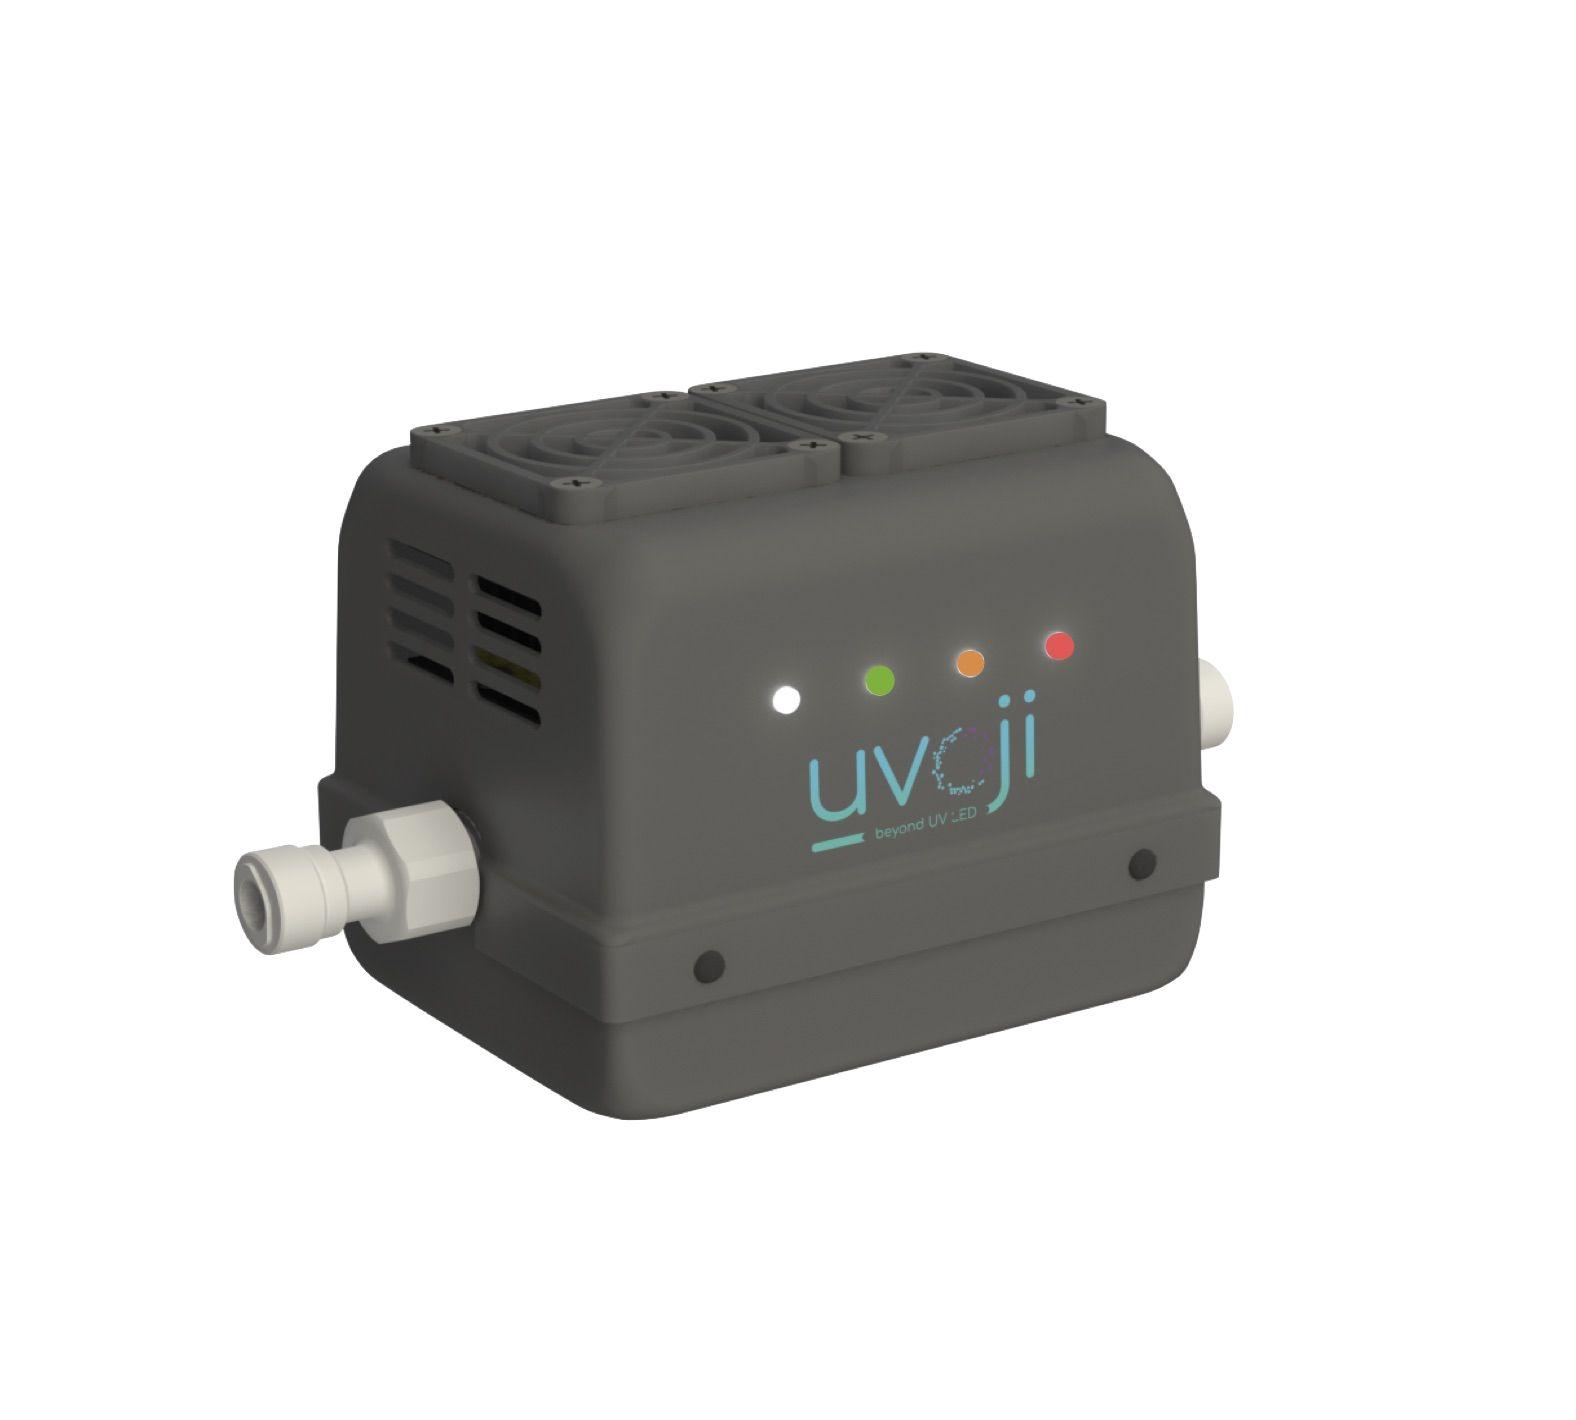 Réacteur led uv oji safe débit 4 ou 8 l/min